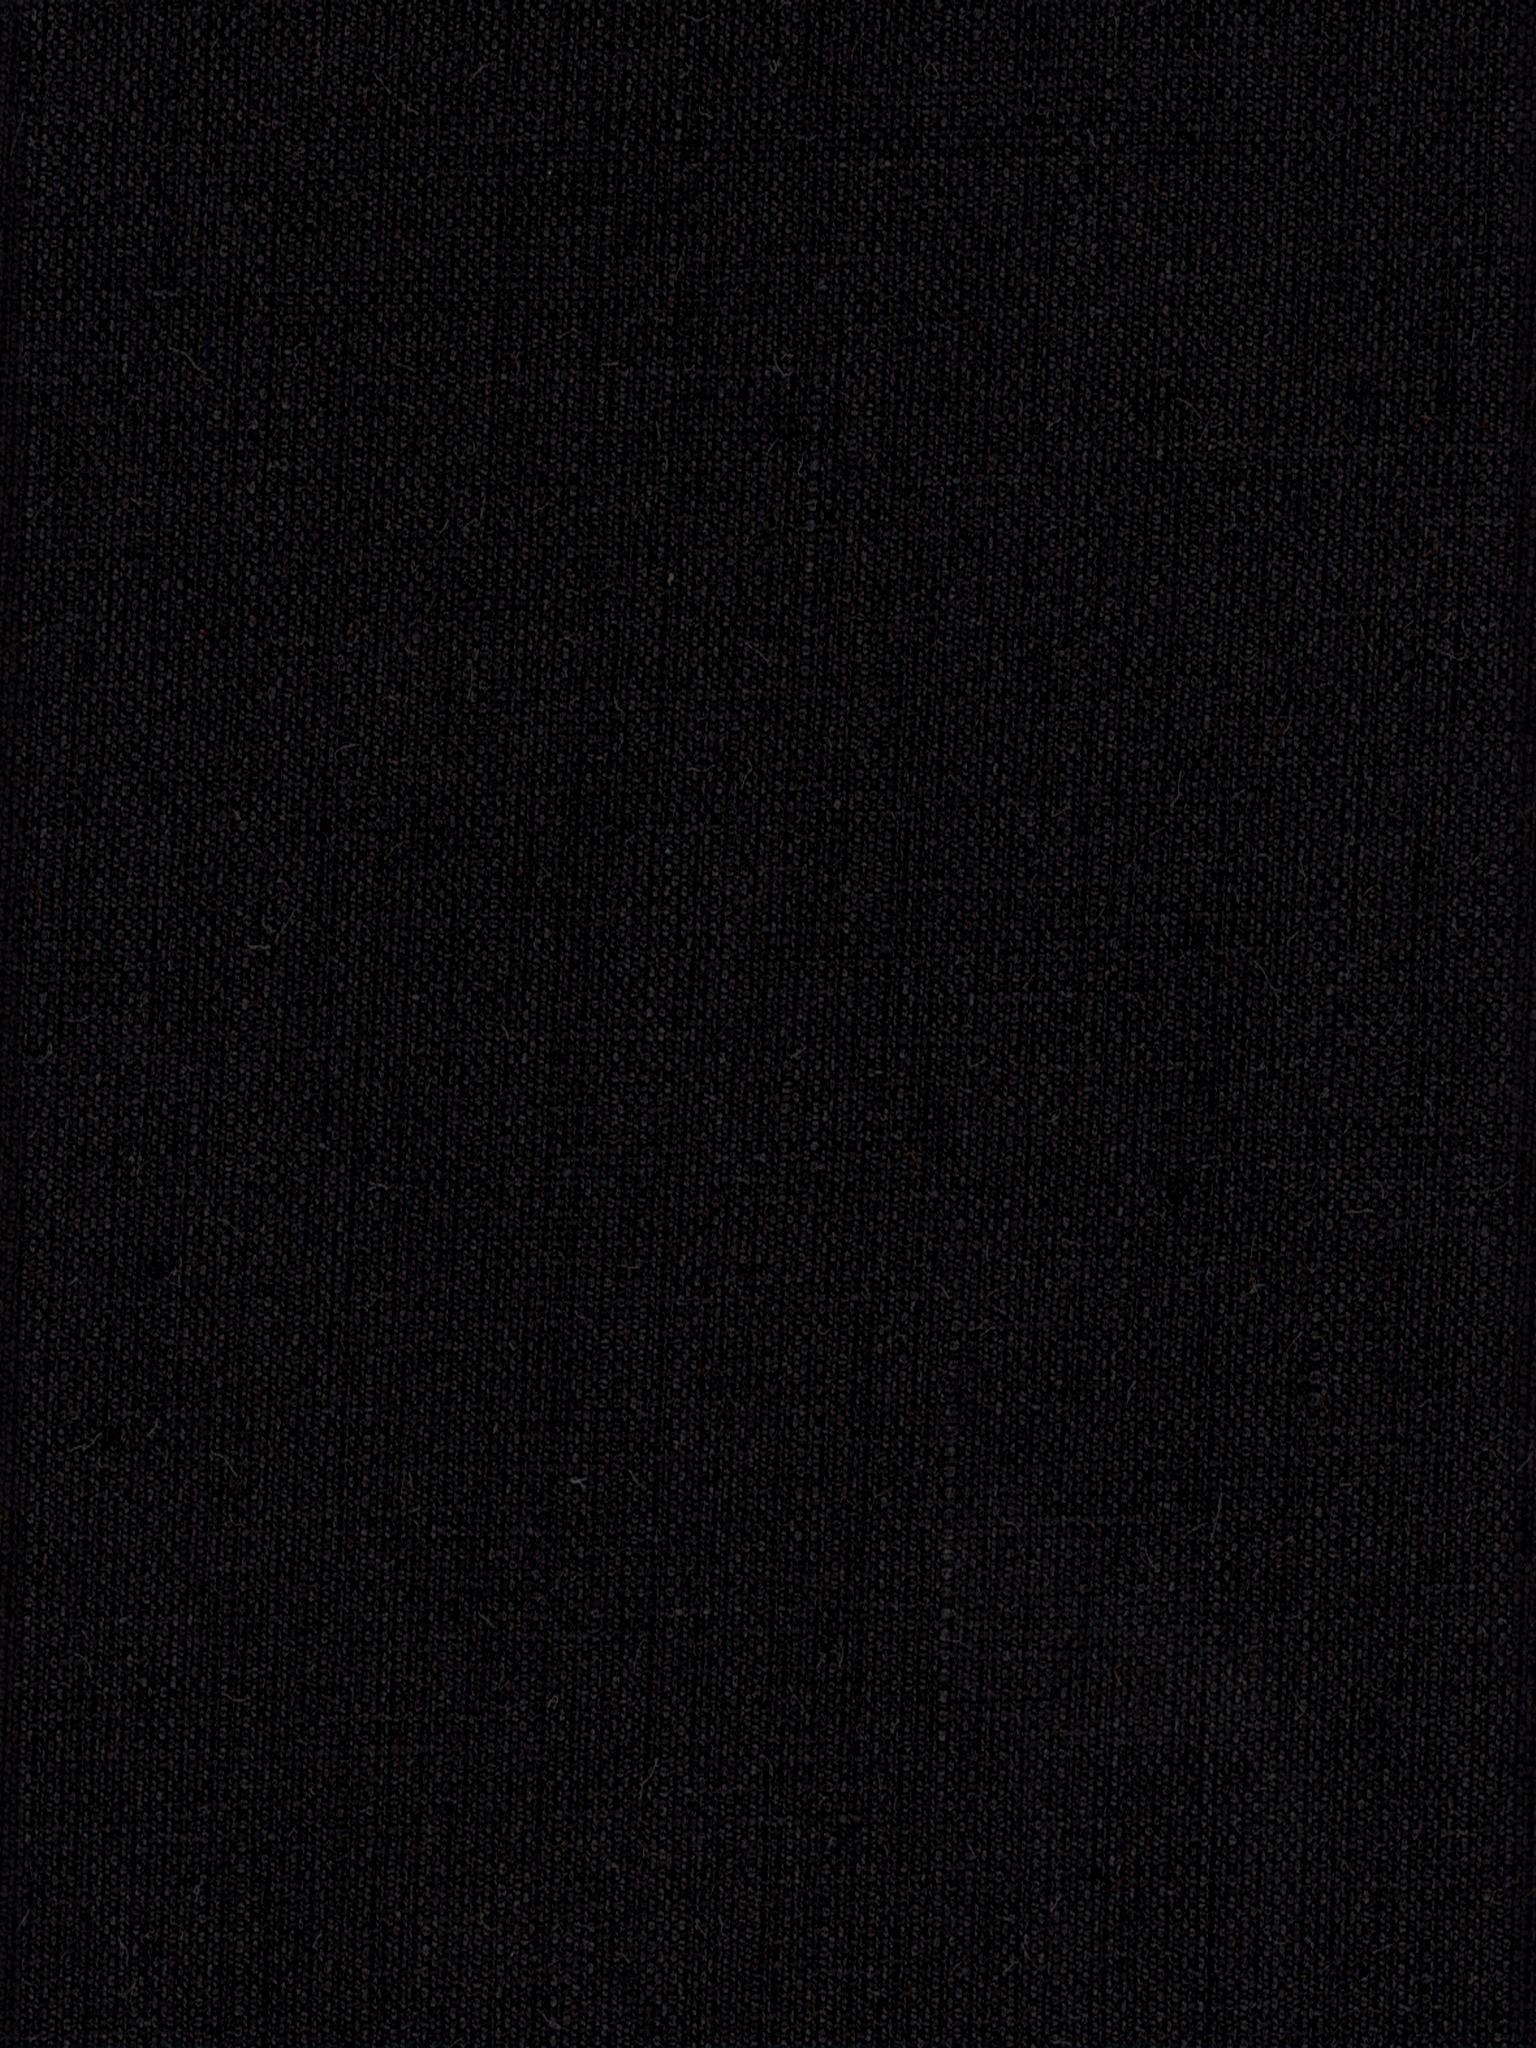 CERRO Black